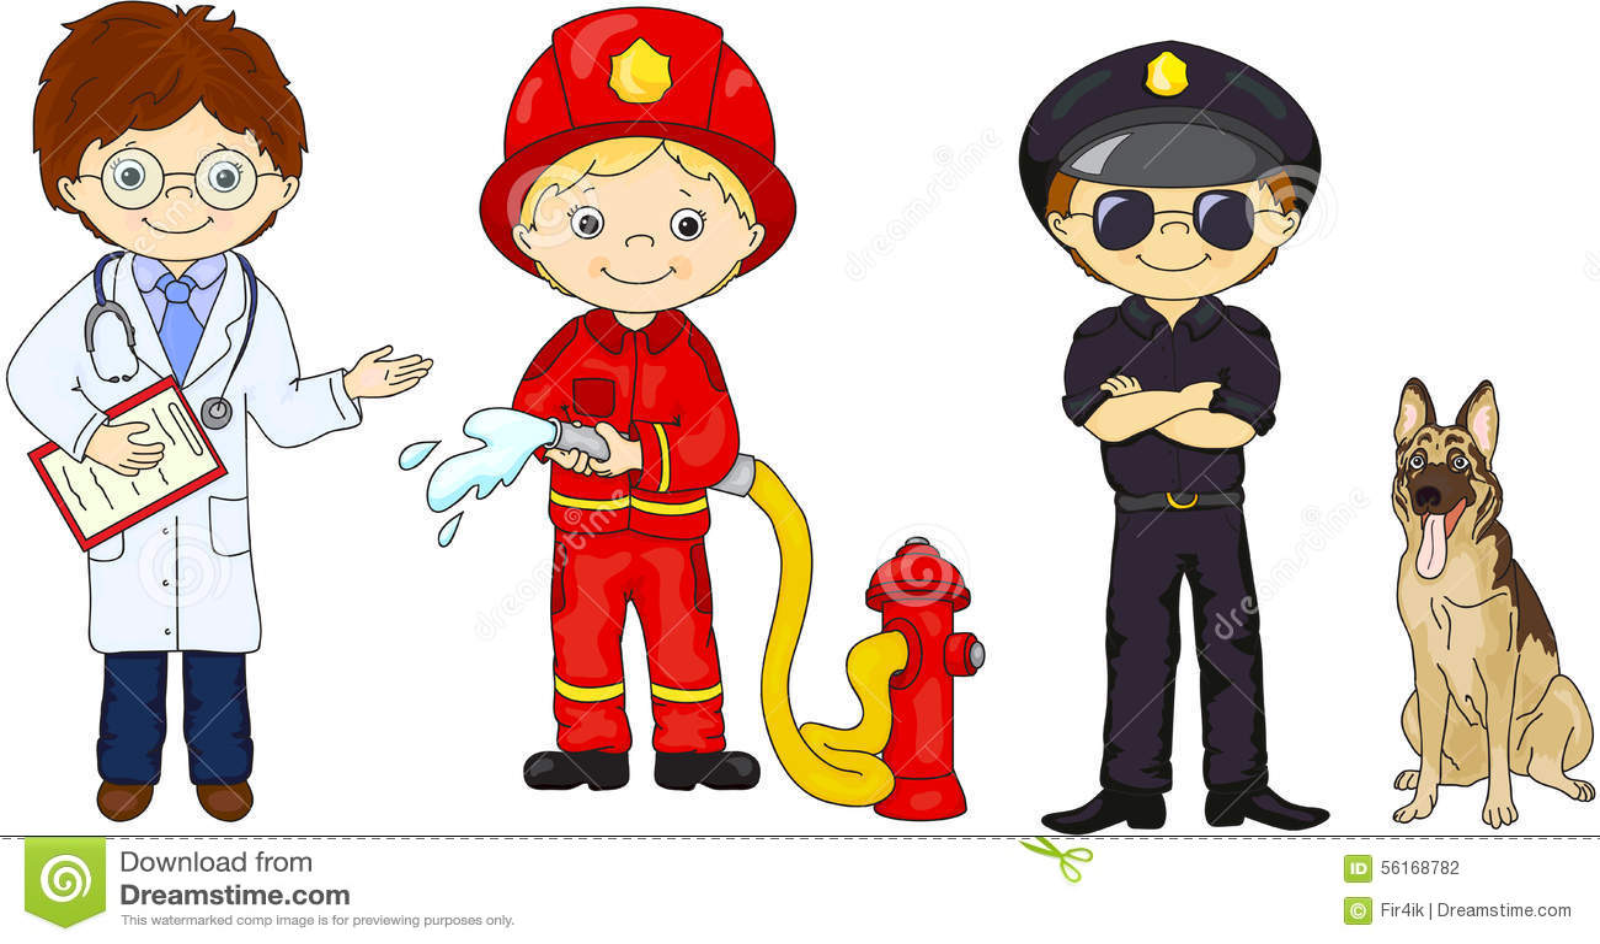 Αστυνομικός, πυροσβέστης και γιατρός στη στολή τους